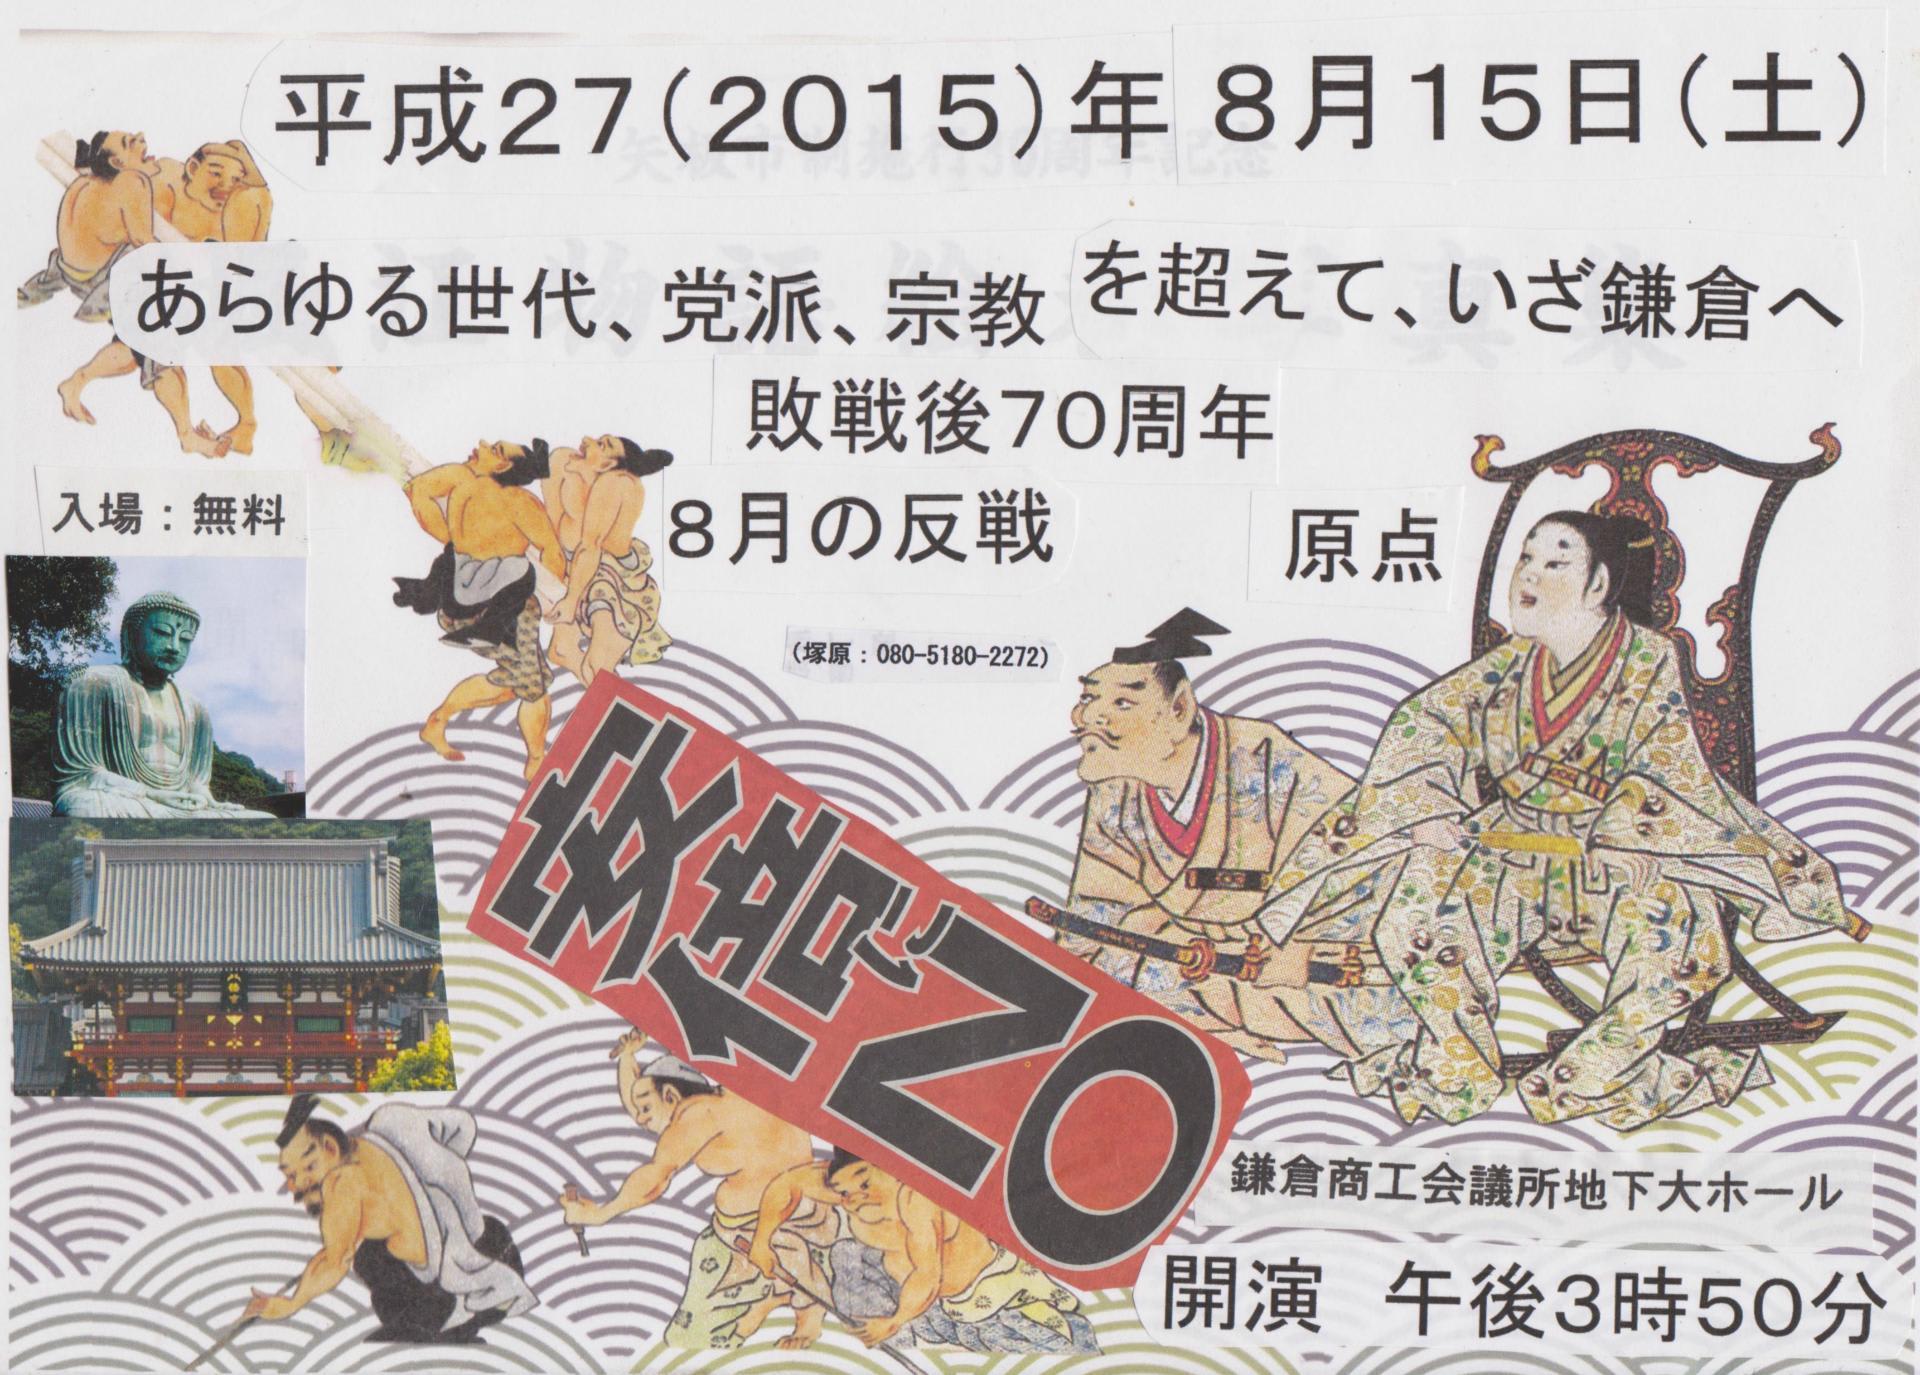 【緊急拡散希望】 2015年8月15日(土)鎌倉においての夜間駅頭街宣活動の件につきまして。